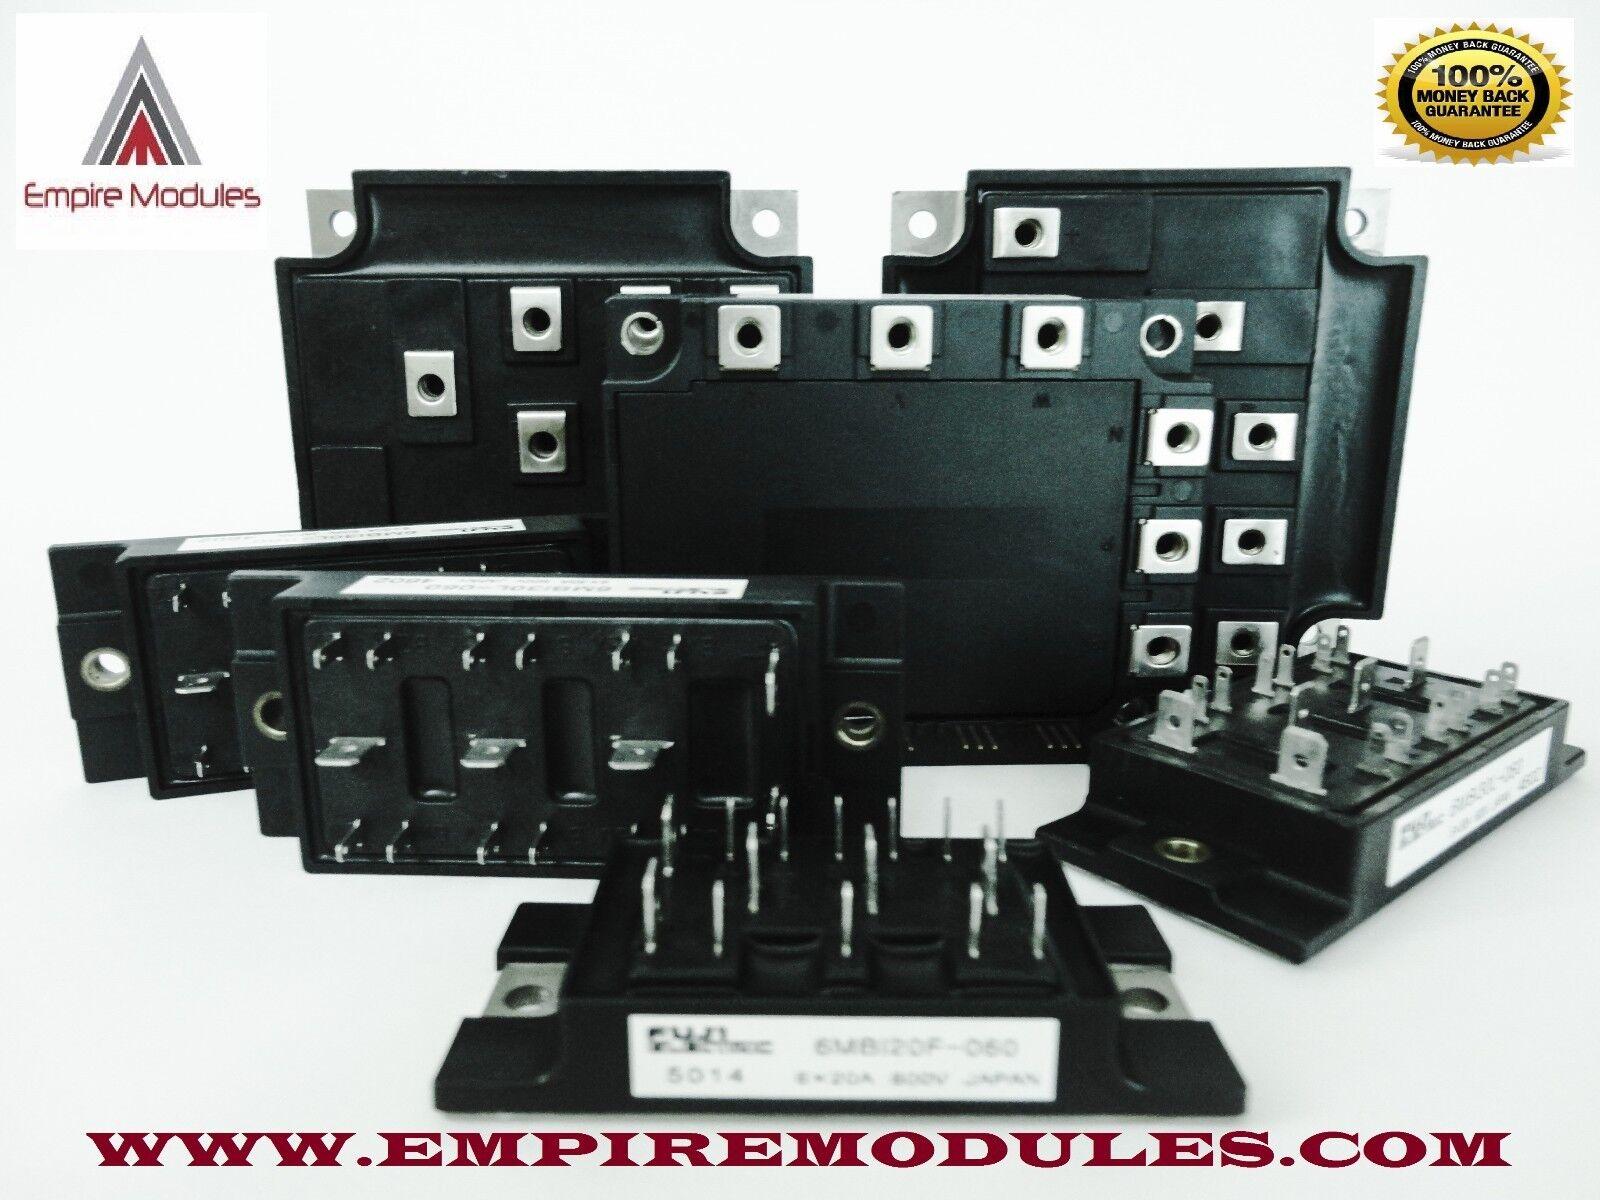 NEW MODULE 6MBP75RU2A-120-01 6MBP75RU2A120-01 A50L-0001-0335 FUJI MODULE